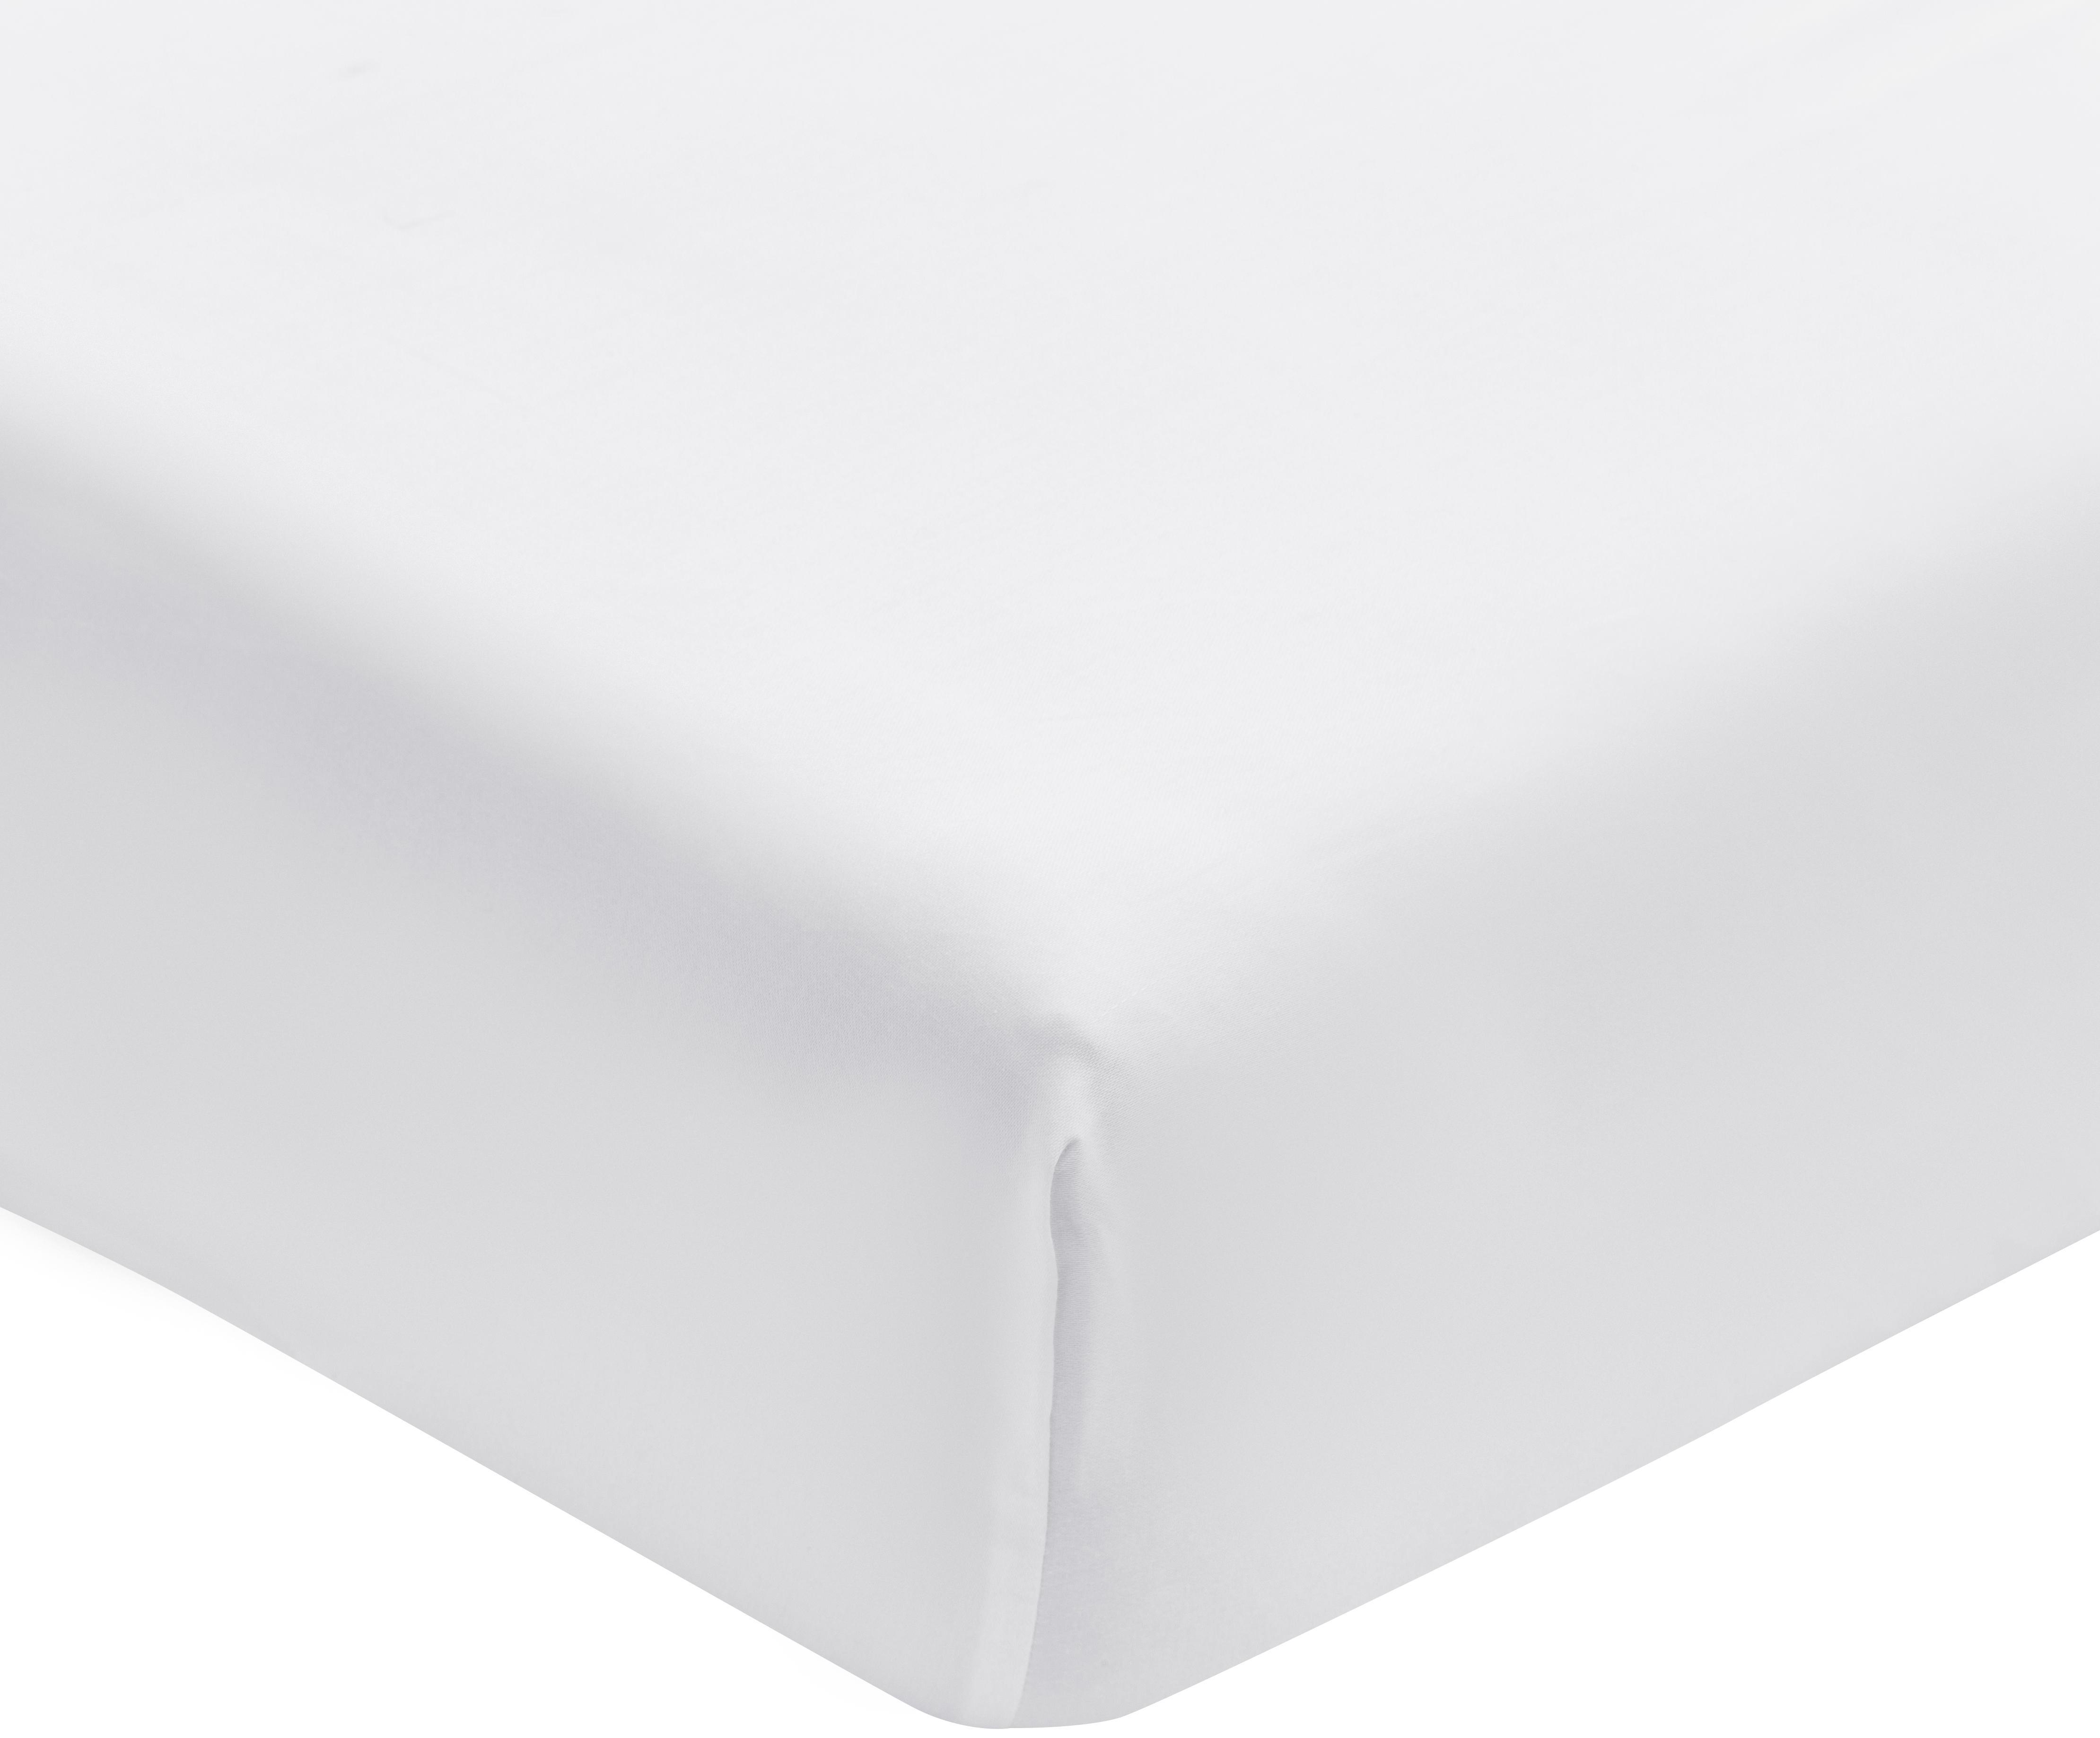 Prześcieradło z gumką z satyny bawełnianej Premium, Biały, S 180 x D 200 cm